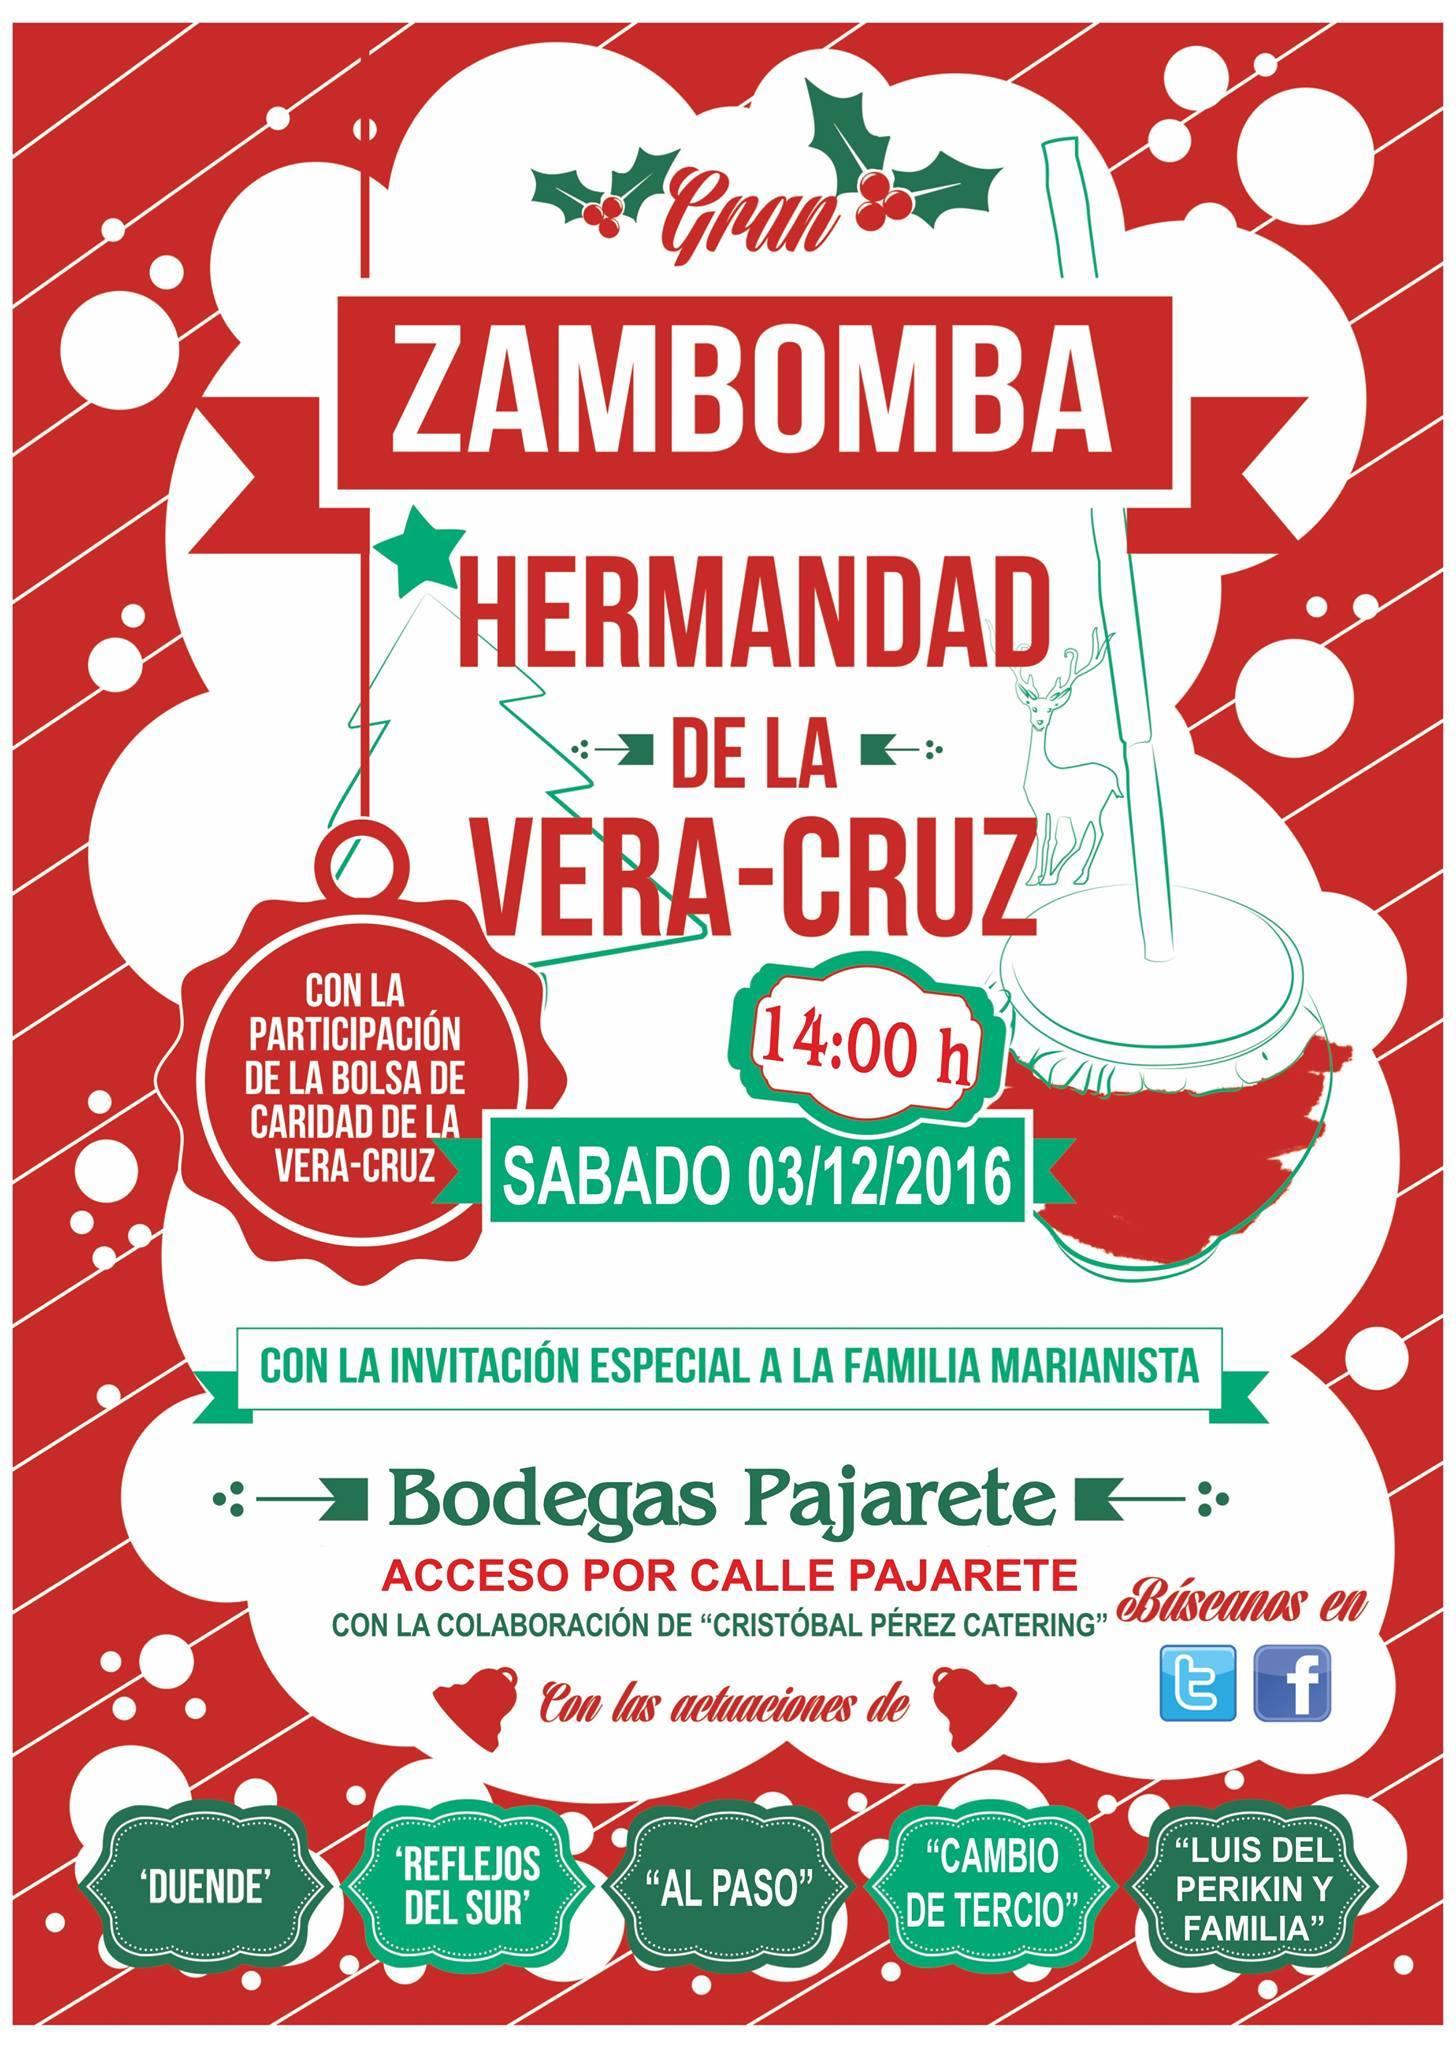 zambomba-veracruz